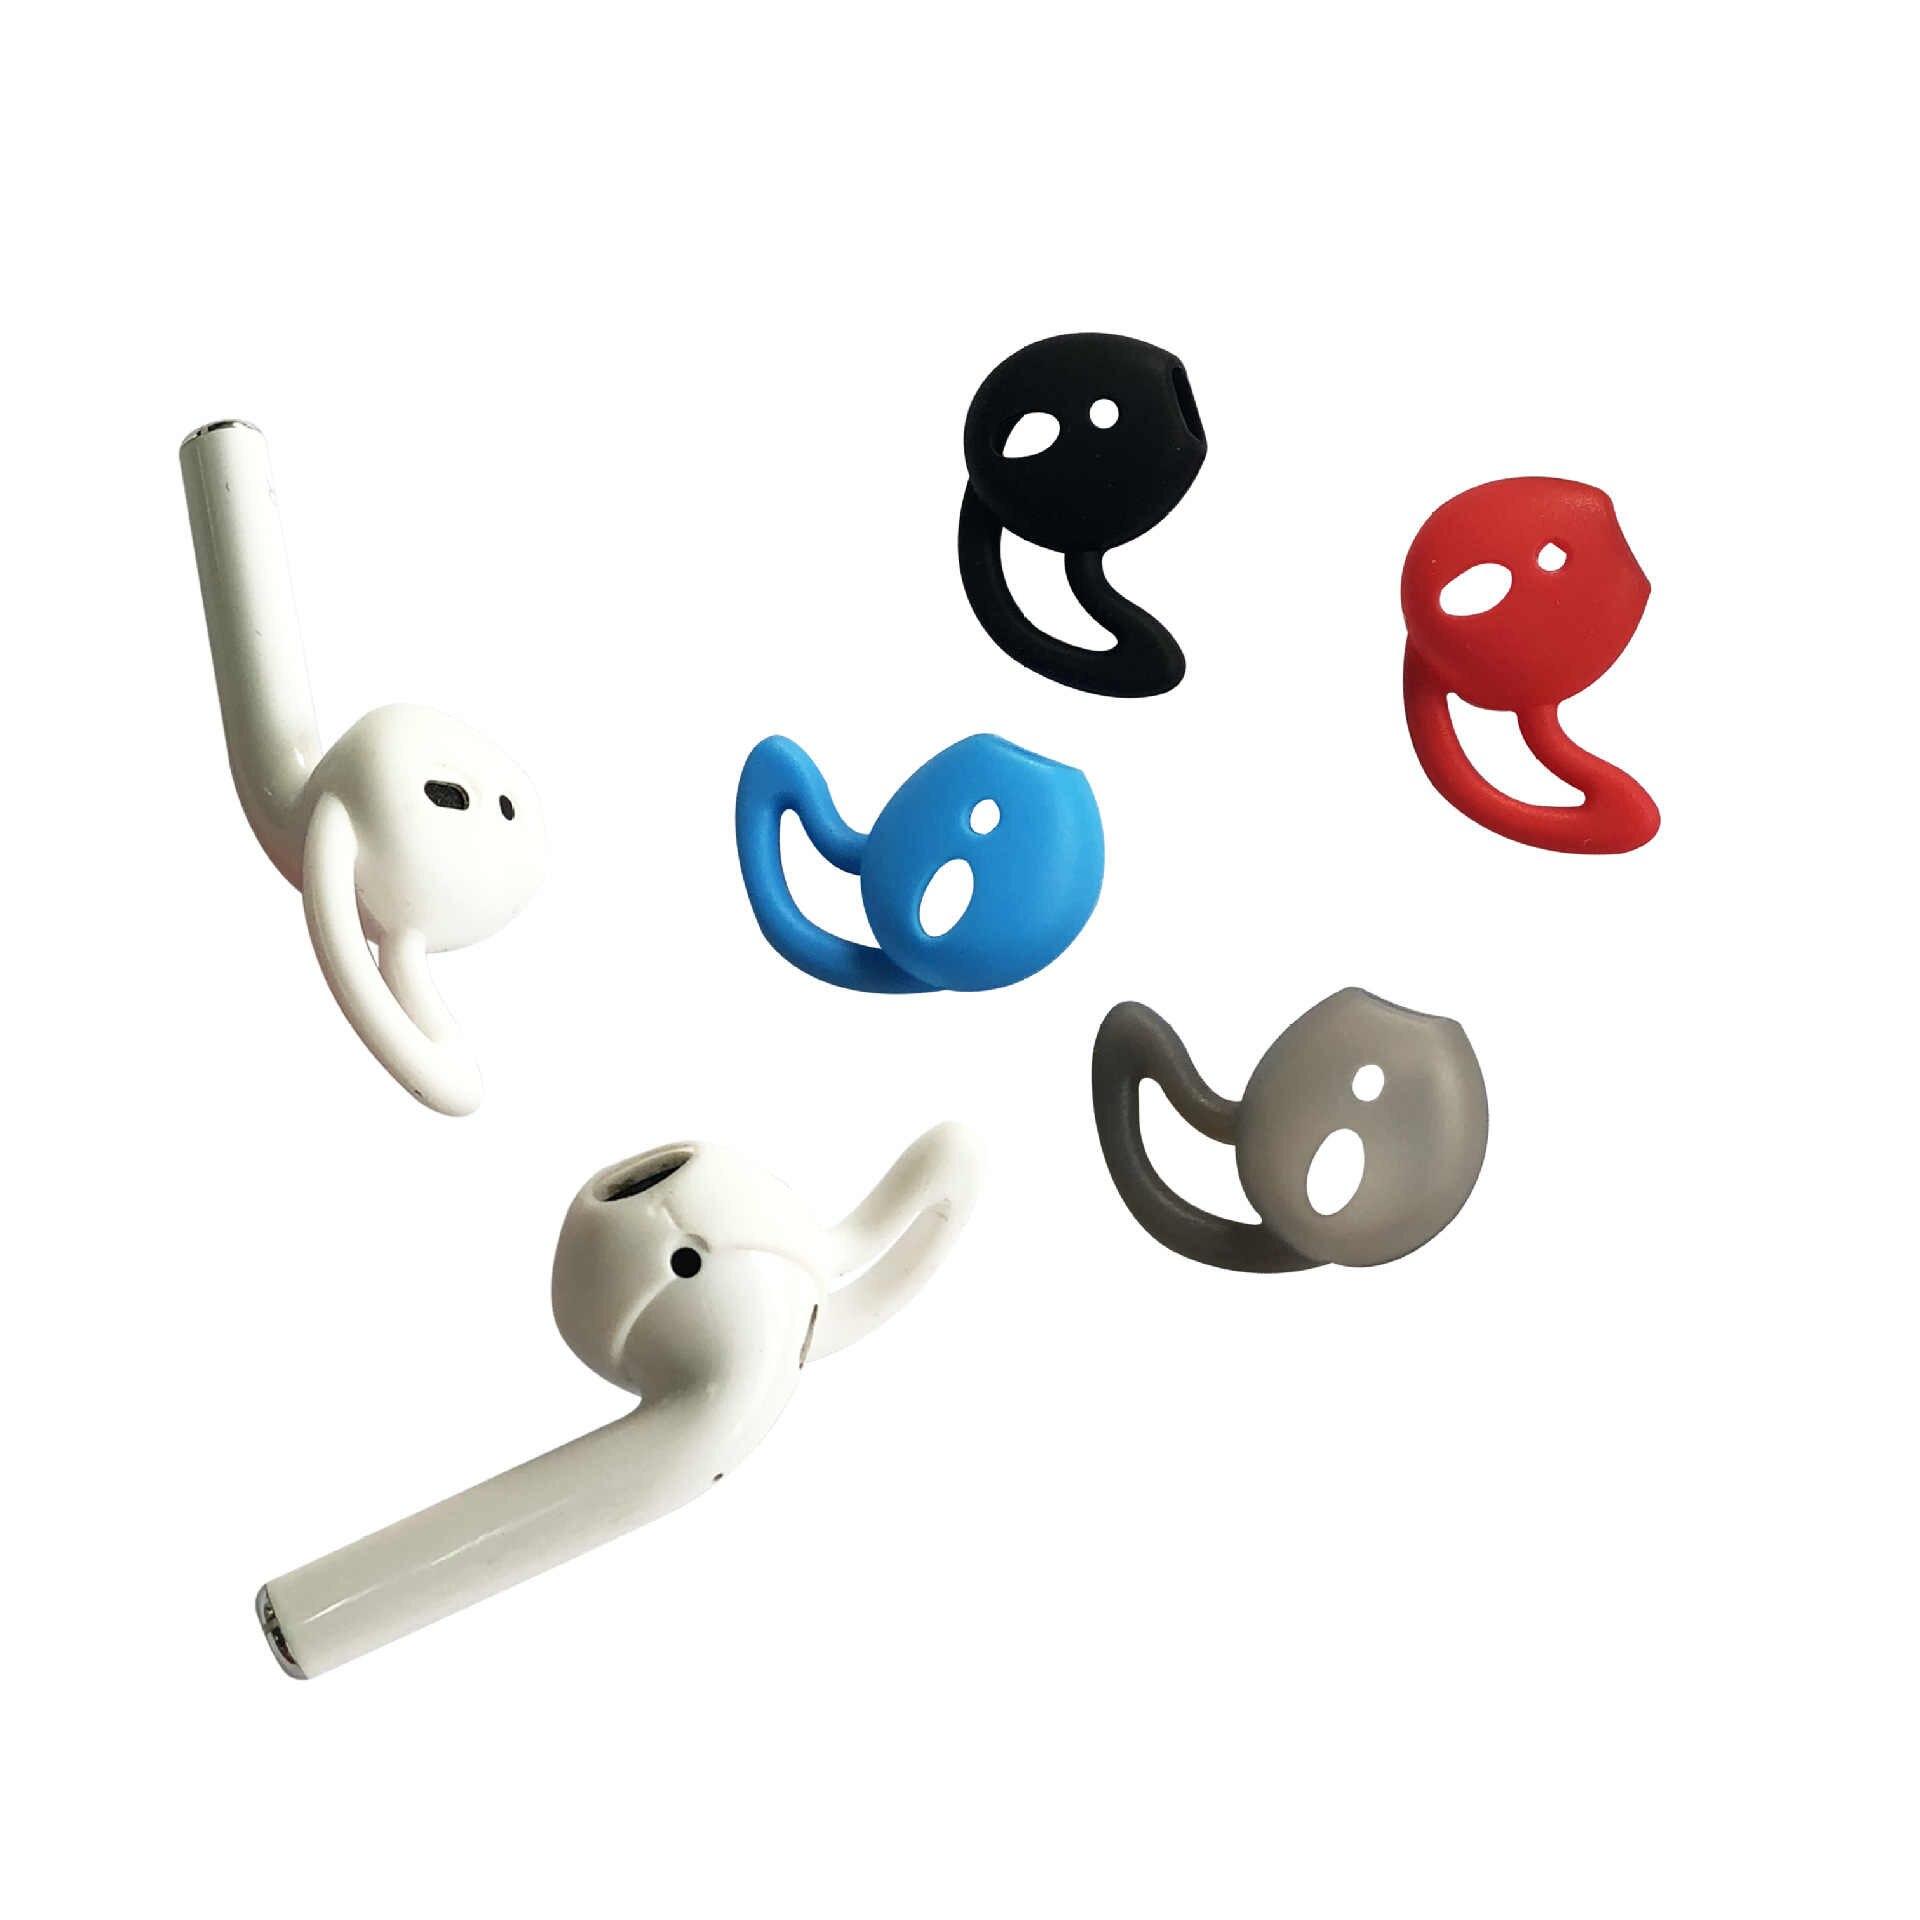 Dla Apple Airpods bezprzewodowy Bluetooth pokrywa silikonowa porady czapki etui na słuchawki słuchawki douszne pokrywa słuchawki końcówka futerał silikonowy